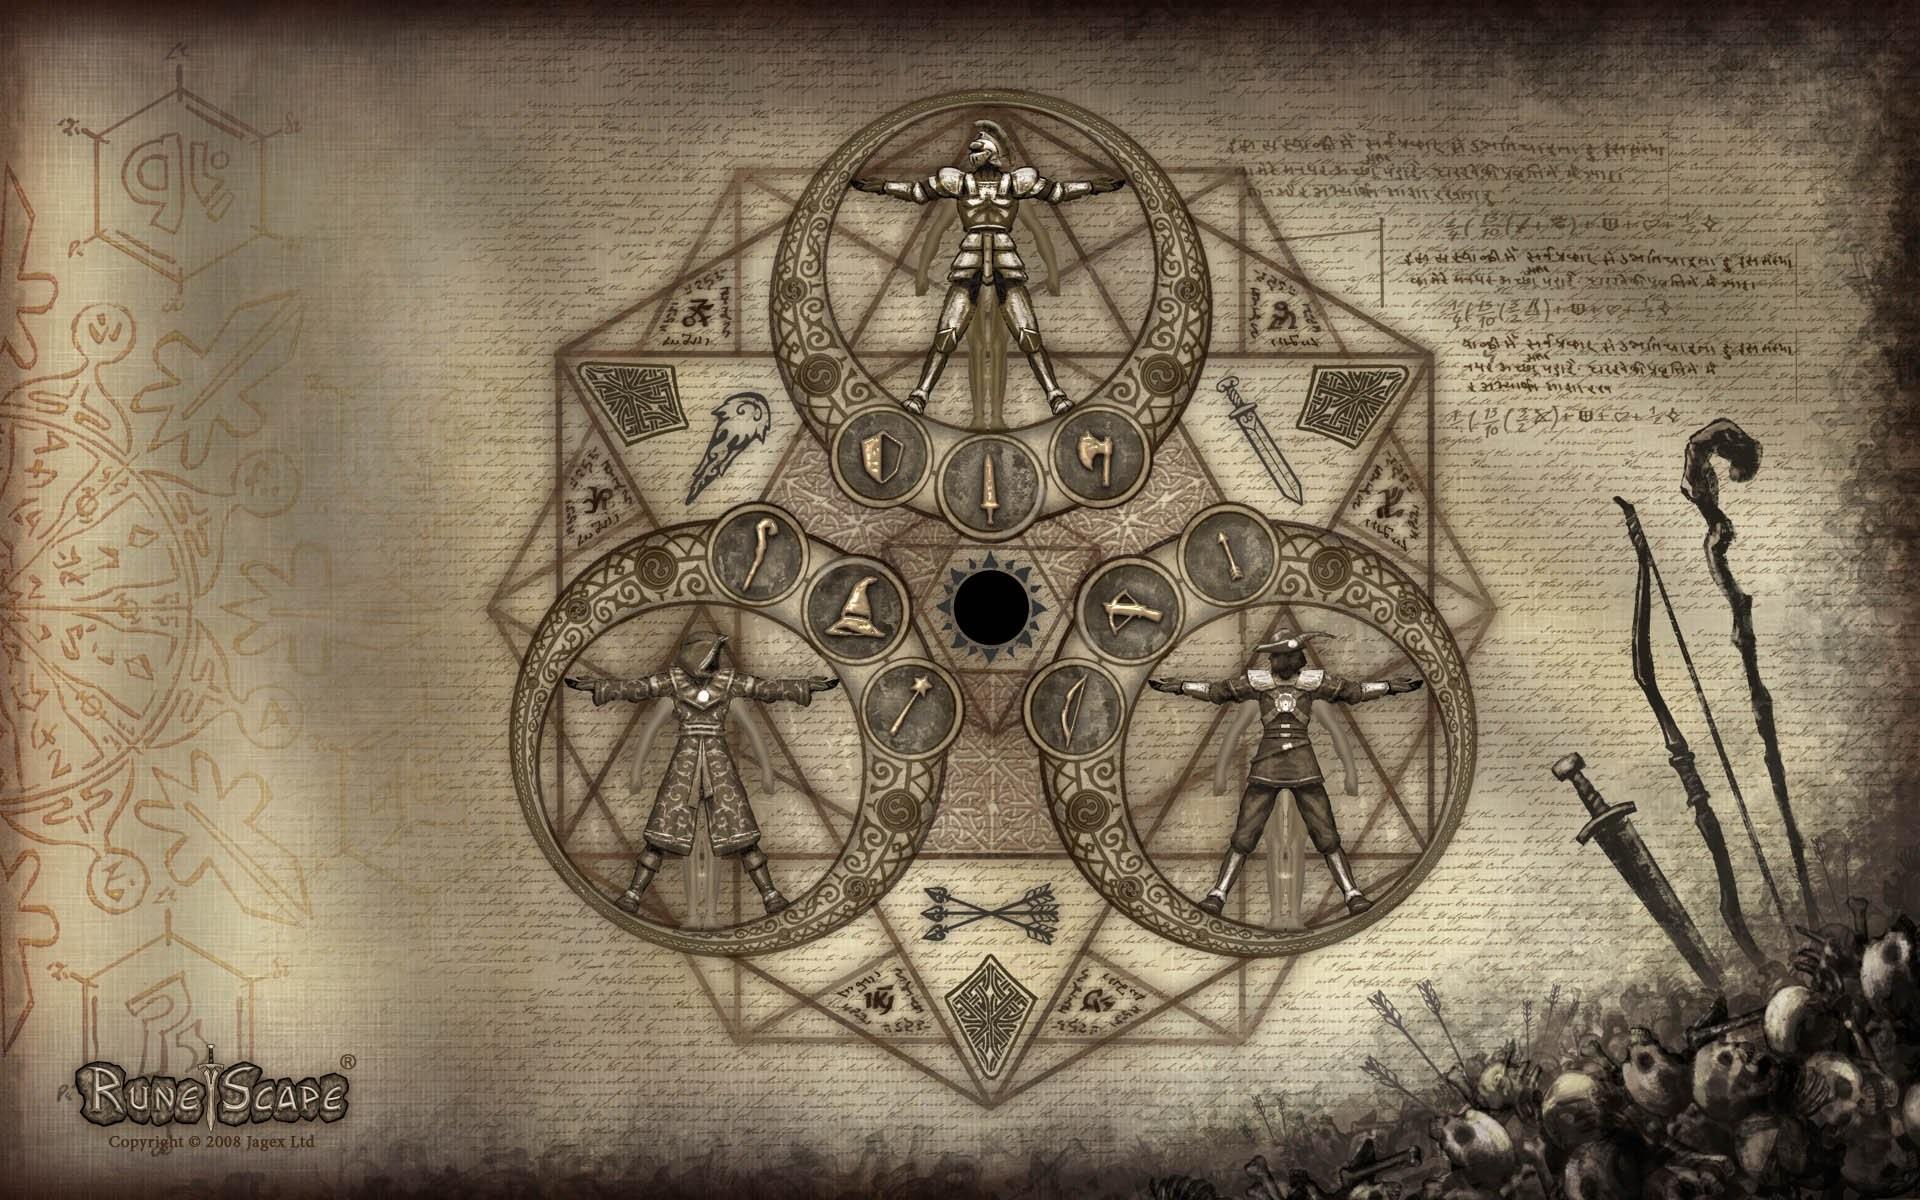 Old School Runescape Wallpaper (81+ images)